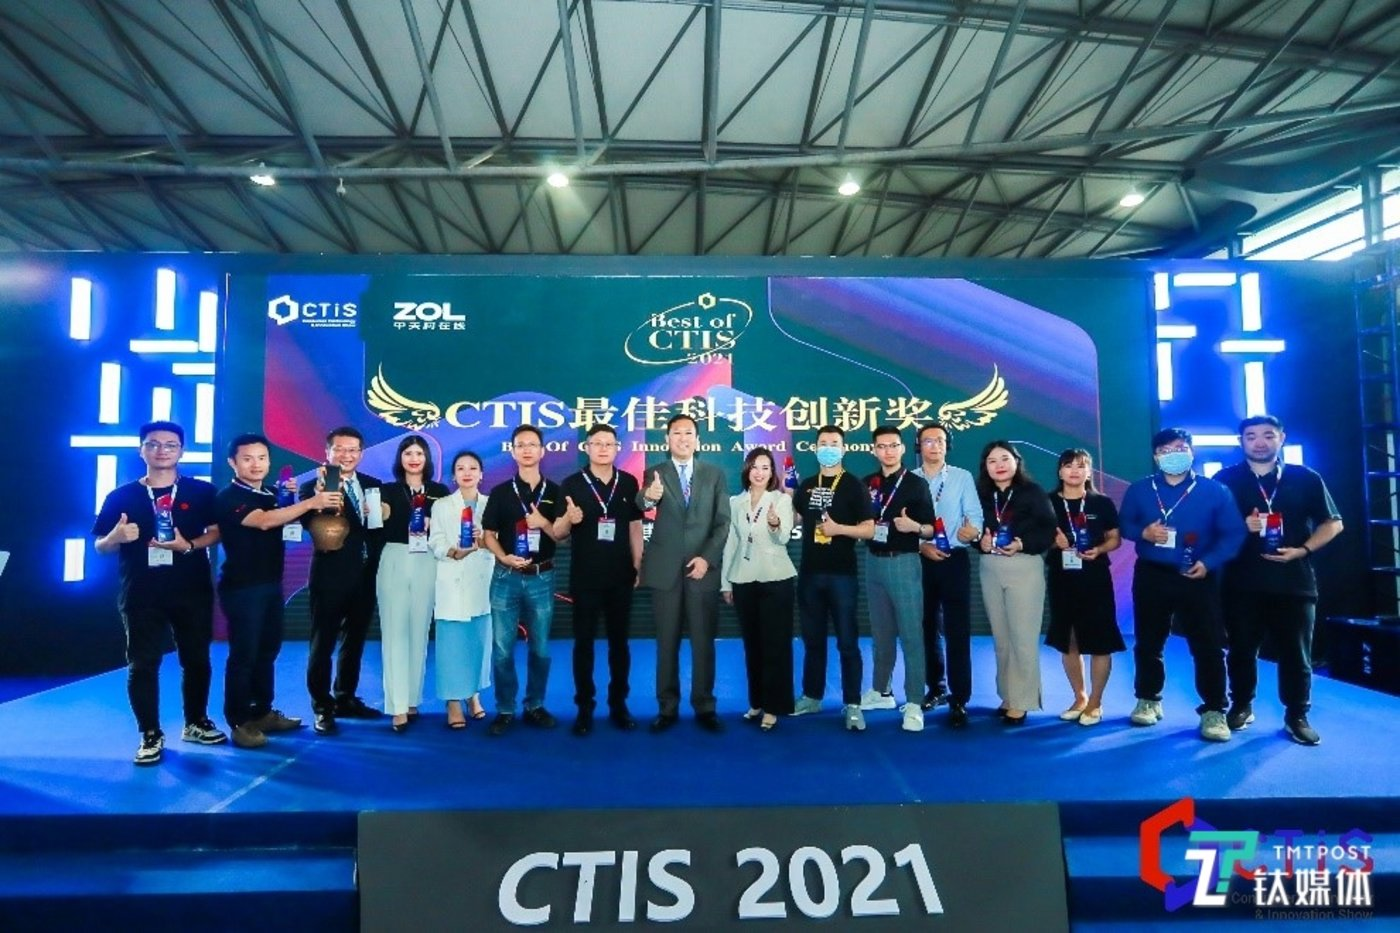 BEST OF CTIS最佳科技创新奖颁奖典礼